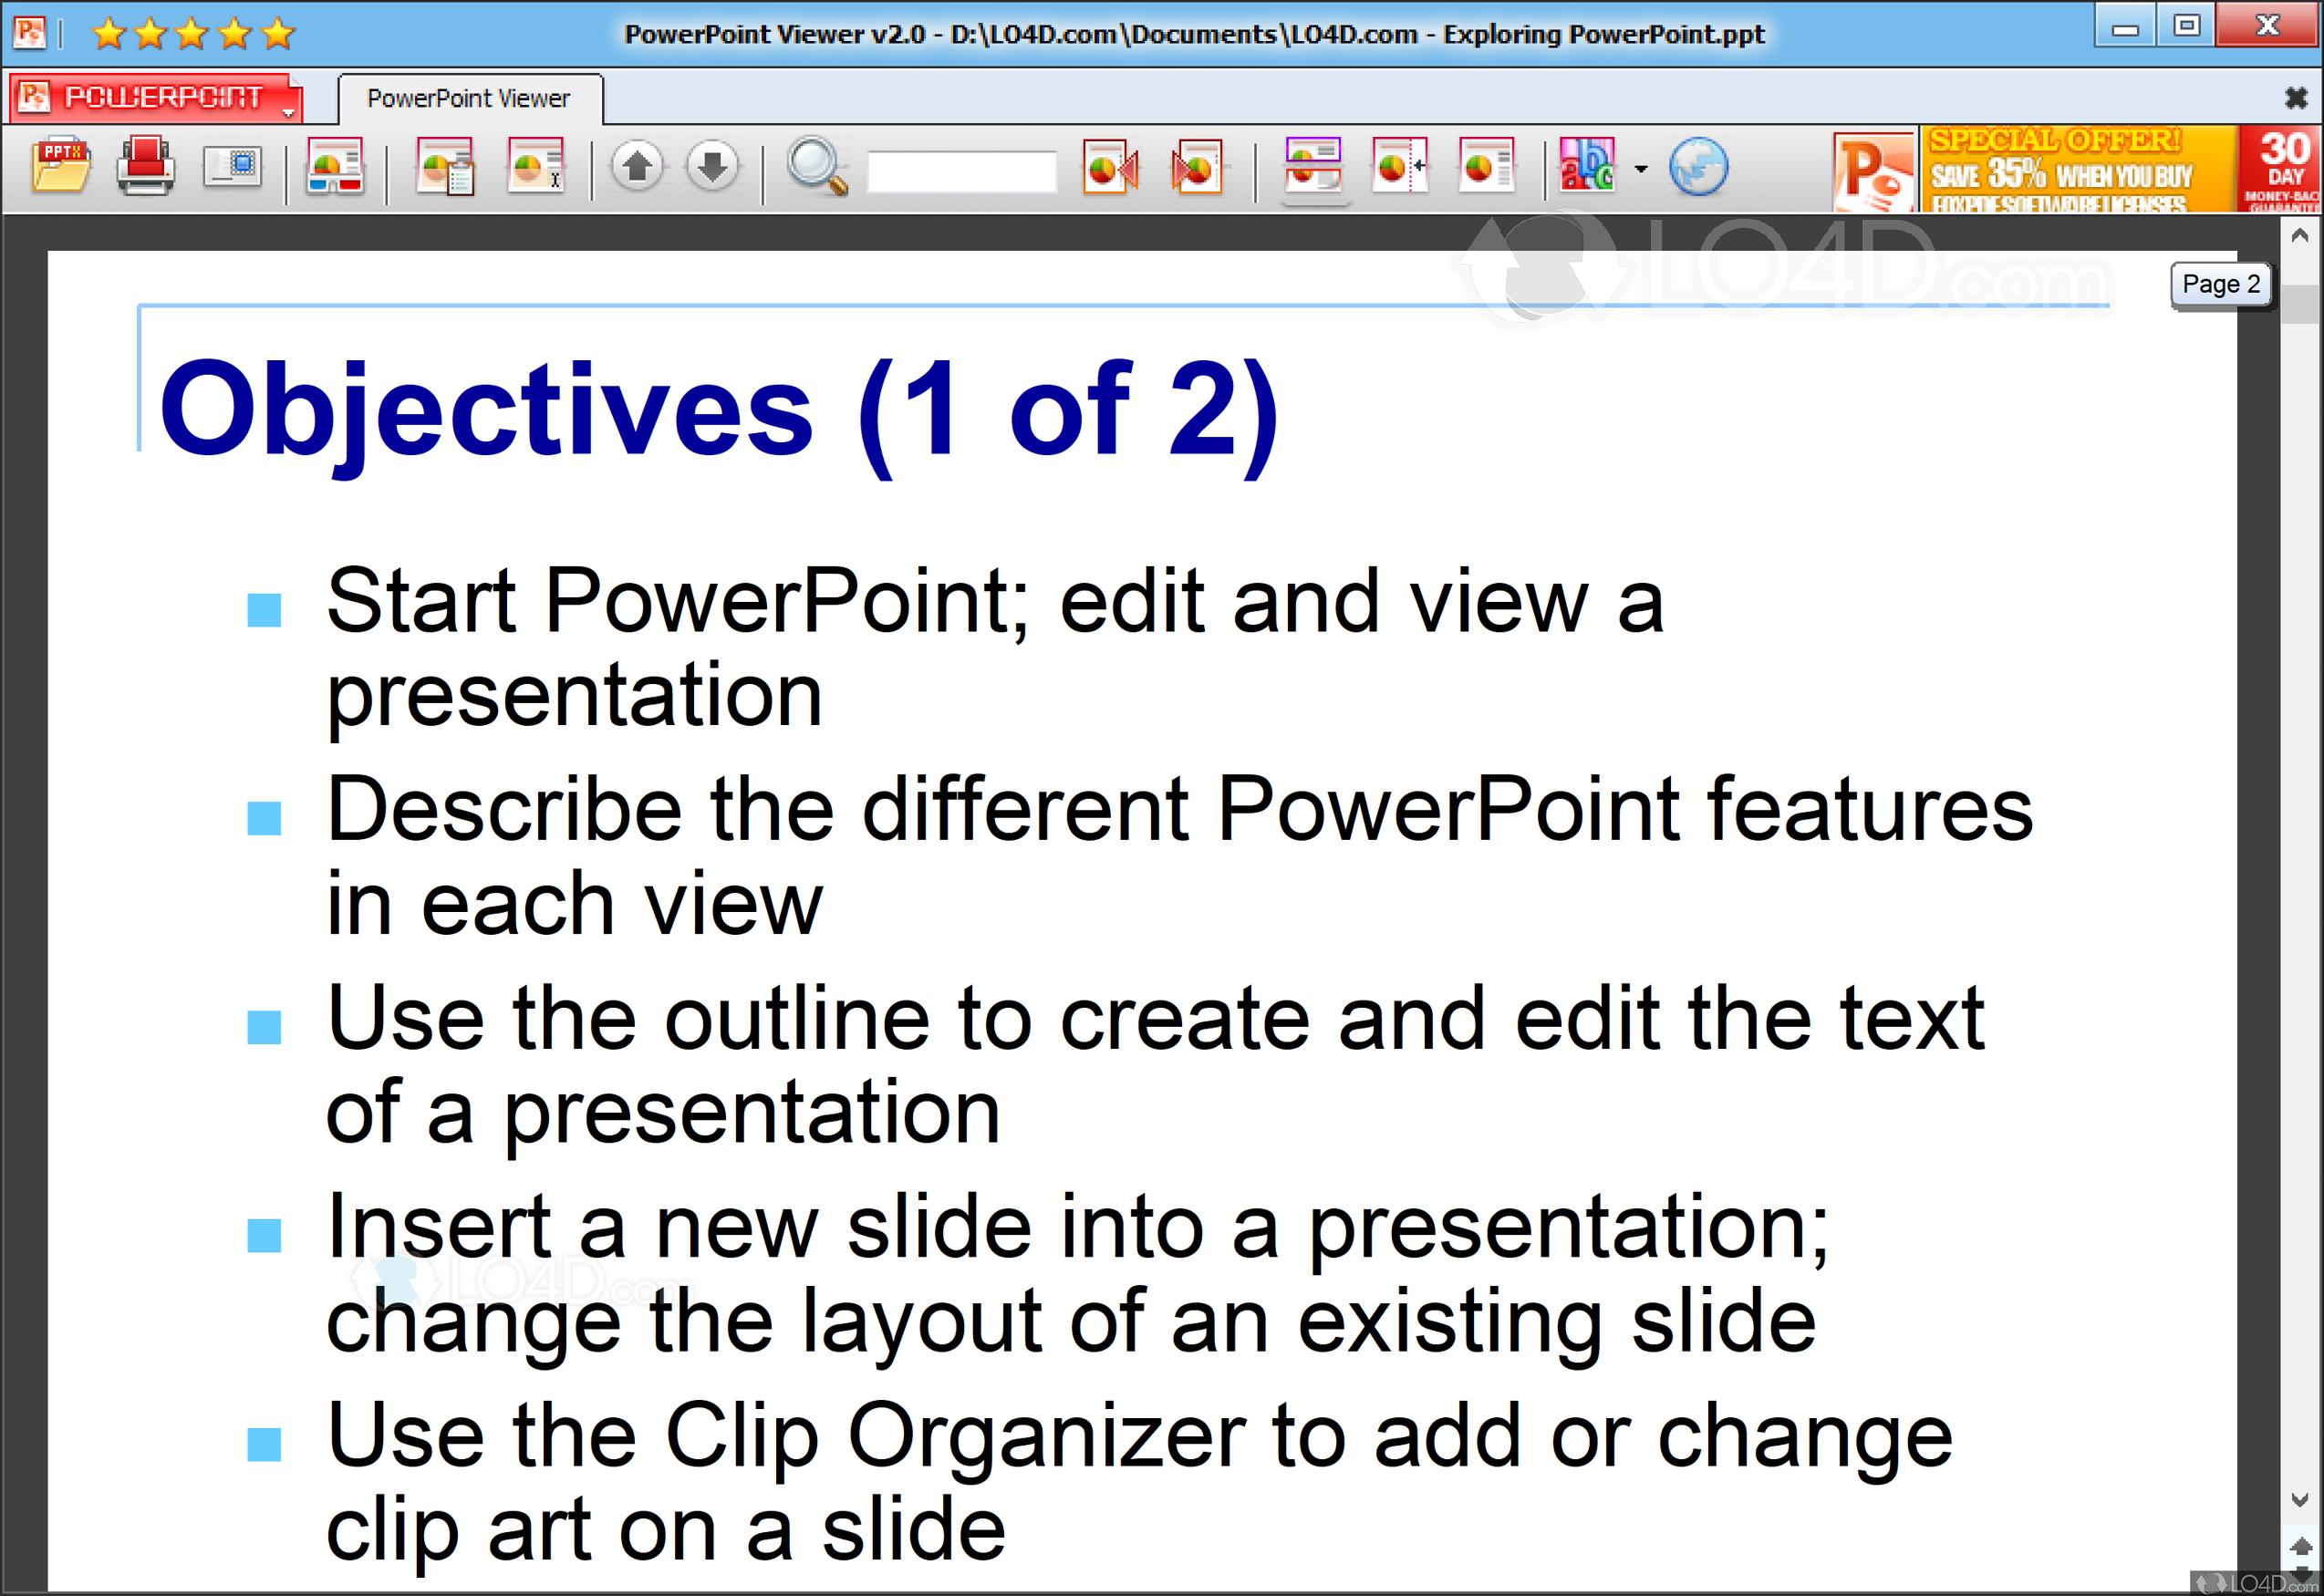 Powerpoint viewer gratis downloaden (virusvrij) 2017.